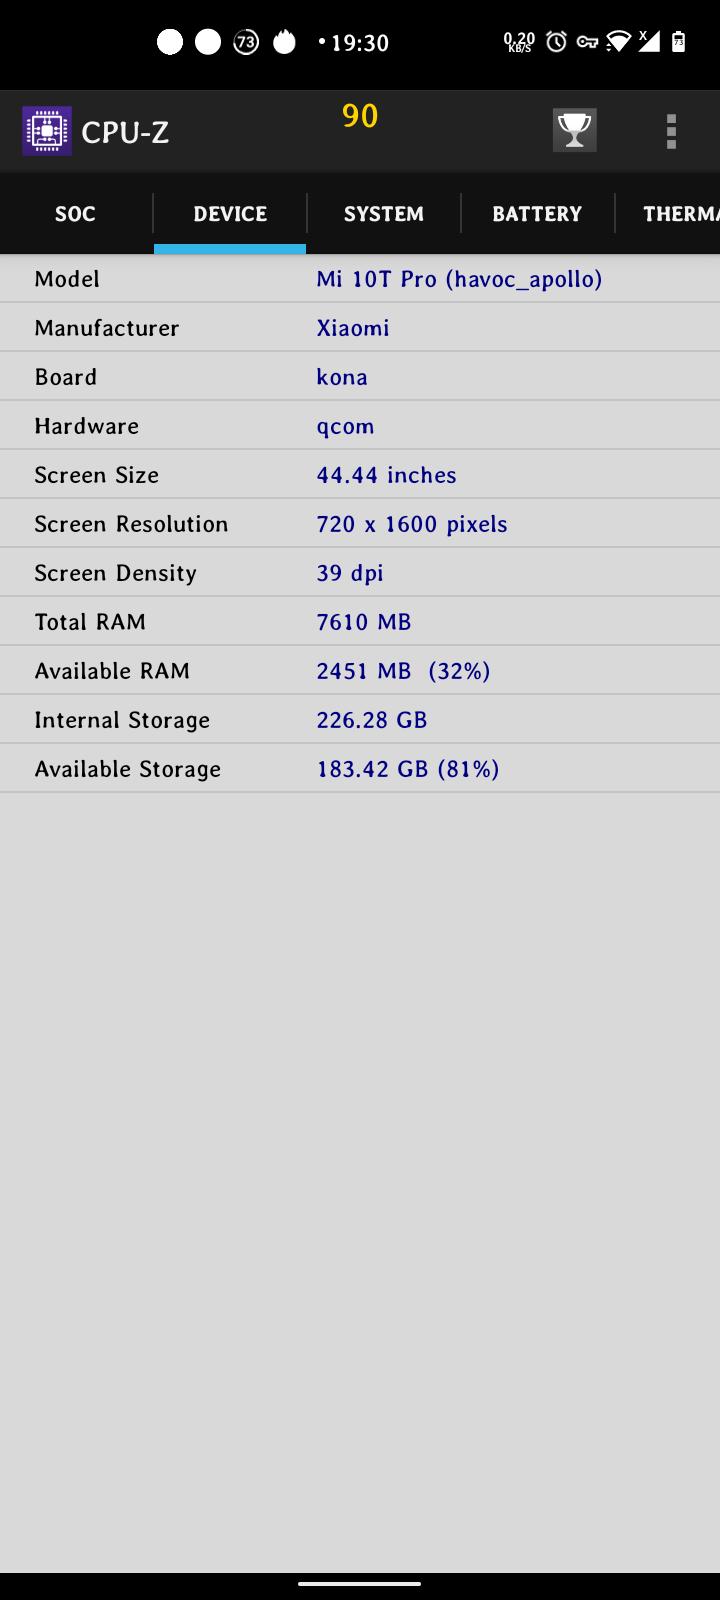 Screenshot_20210619-193038_CPU-Z.png